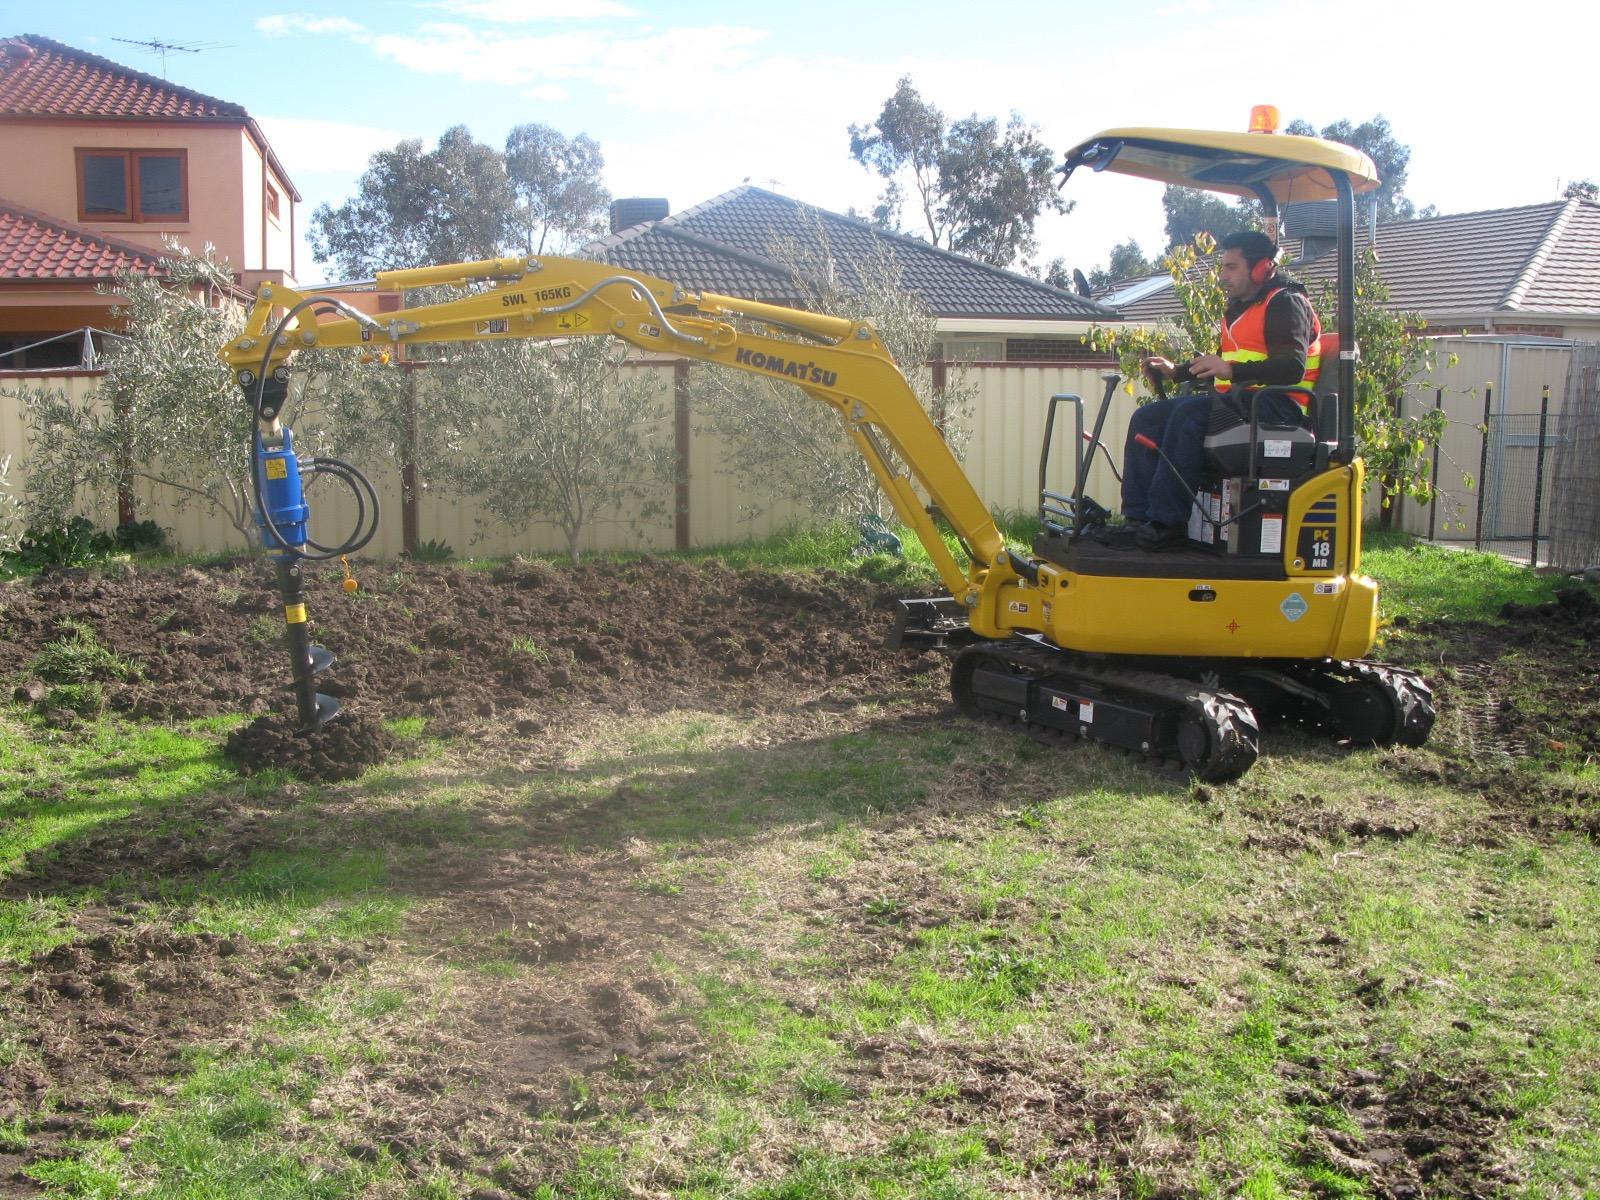 Anima Mia Excavator 3